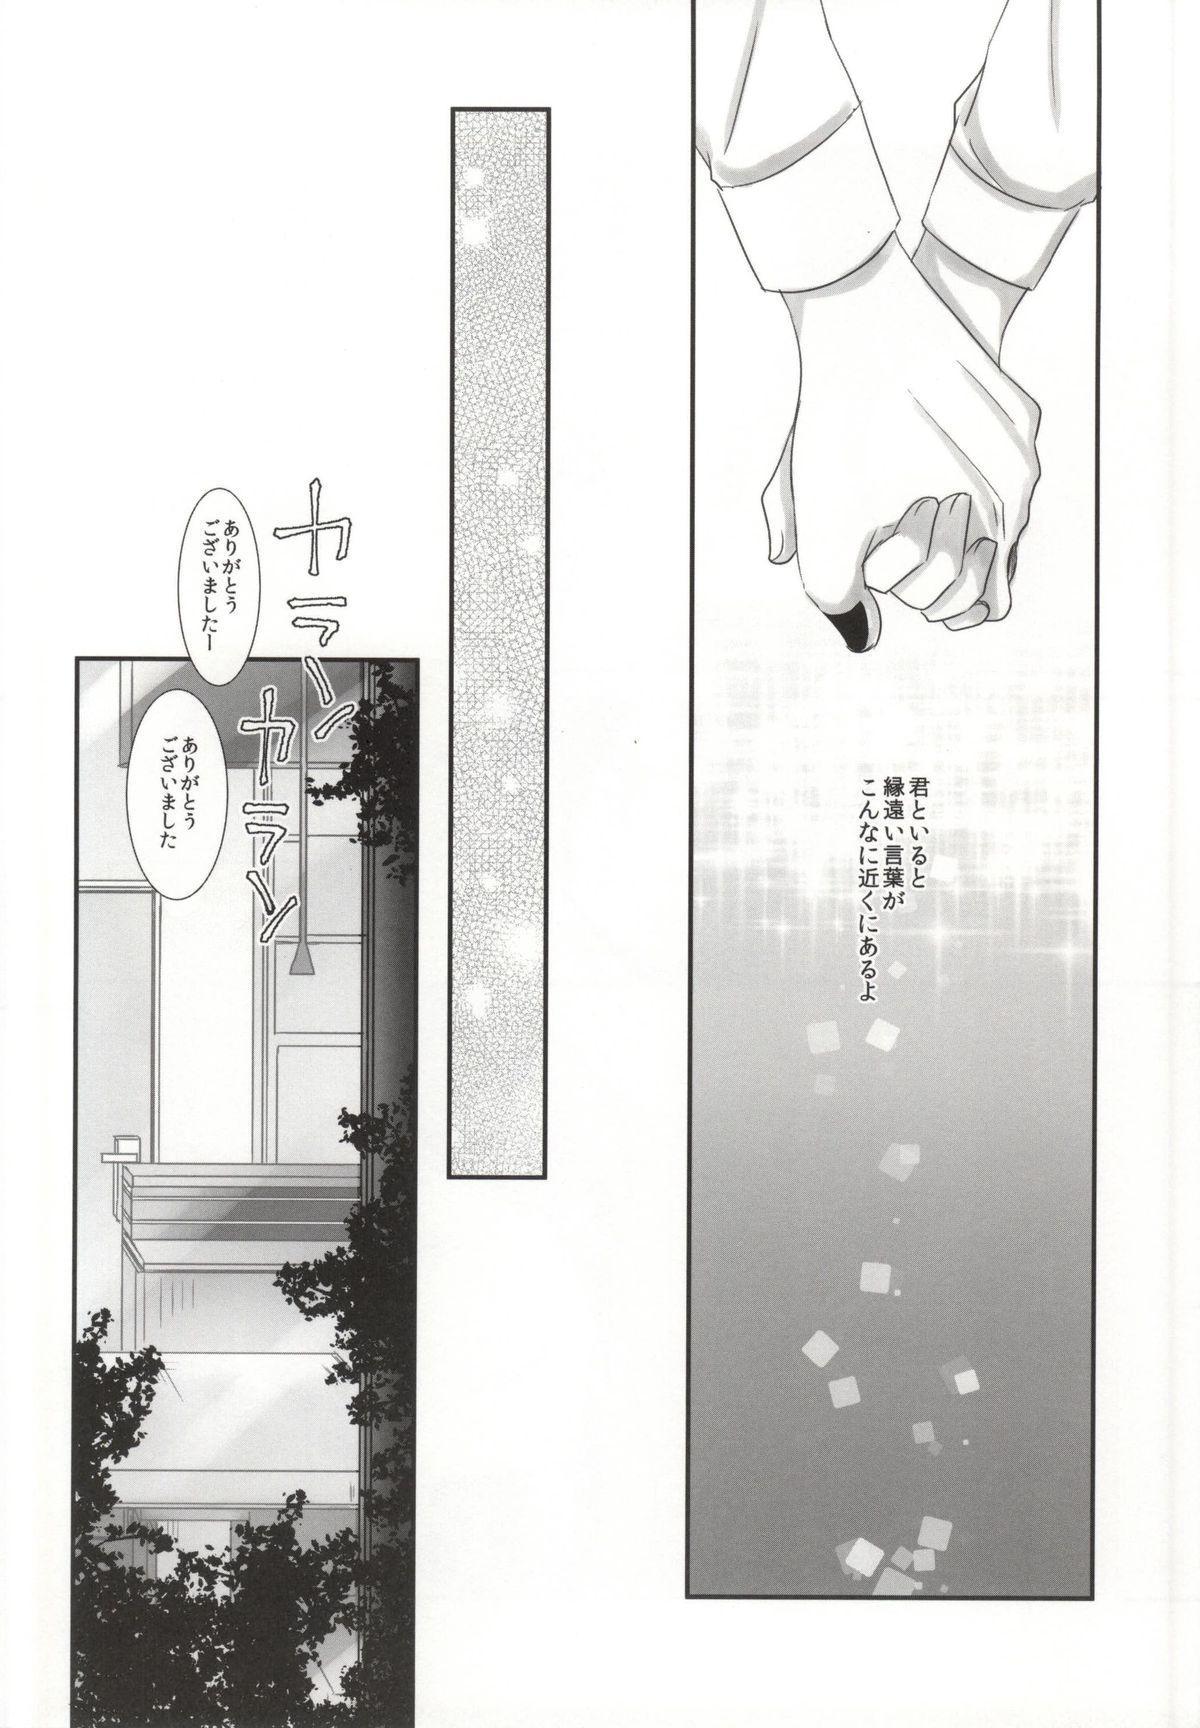 Honjitsu wa Heiten Itashimashita 29